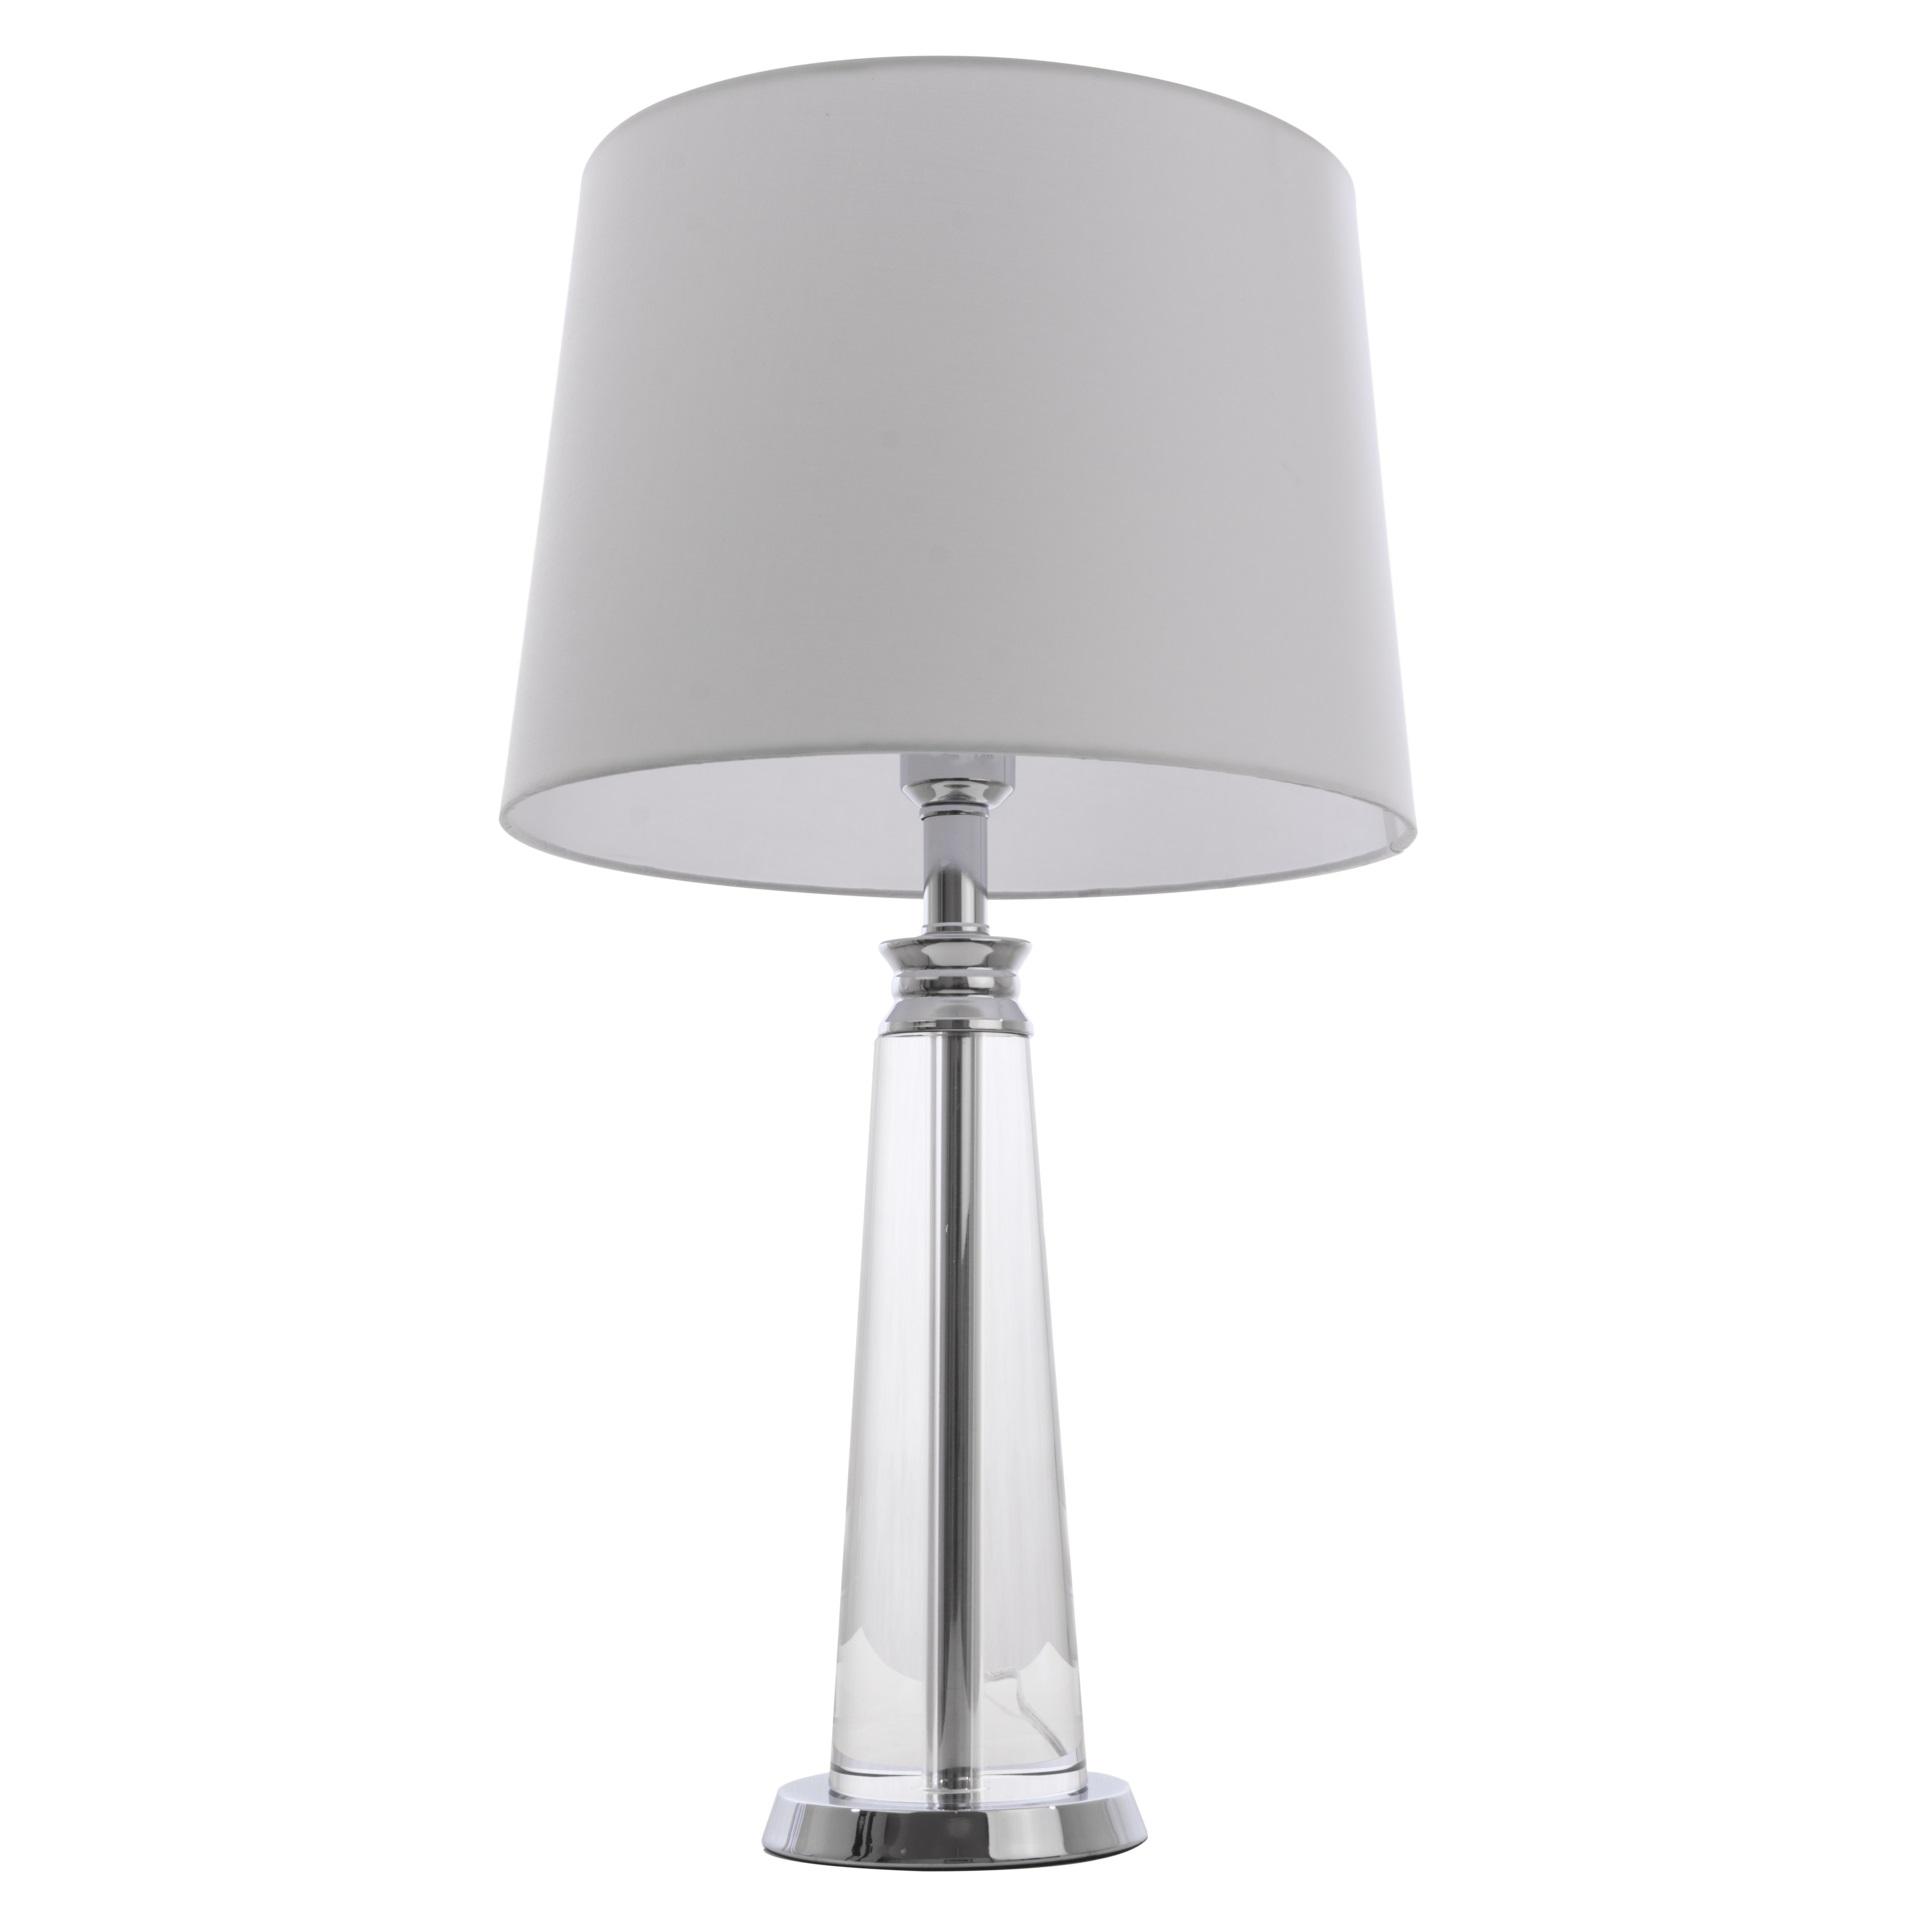 meble bodzio kwidzyn lampy stołowe